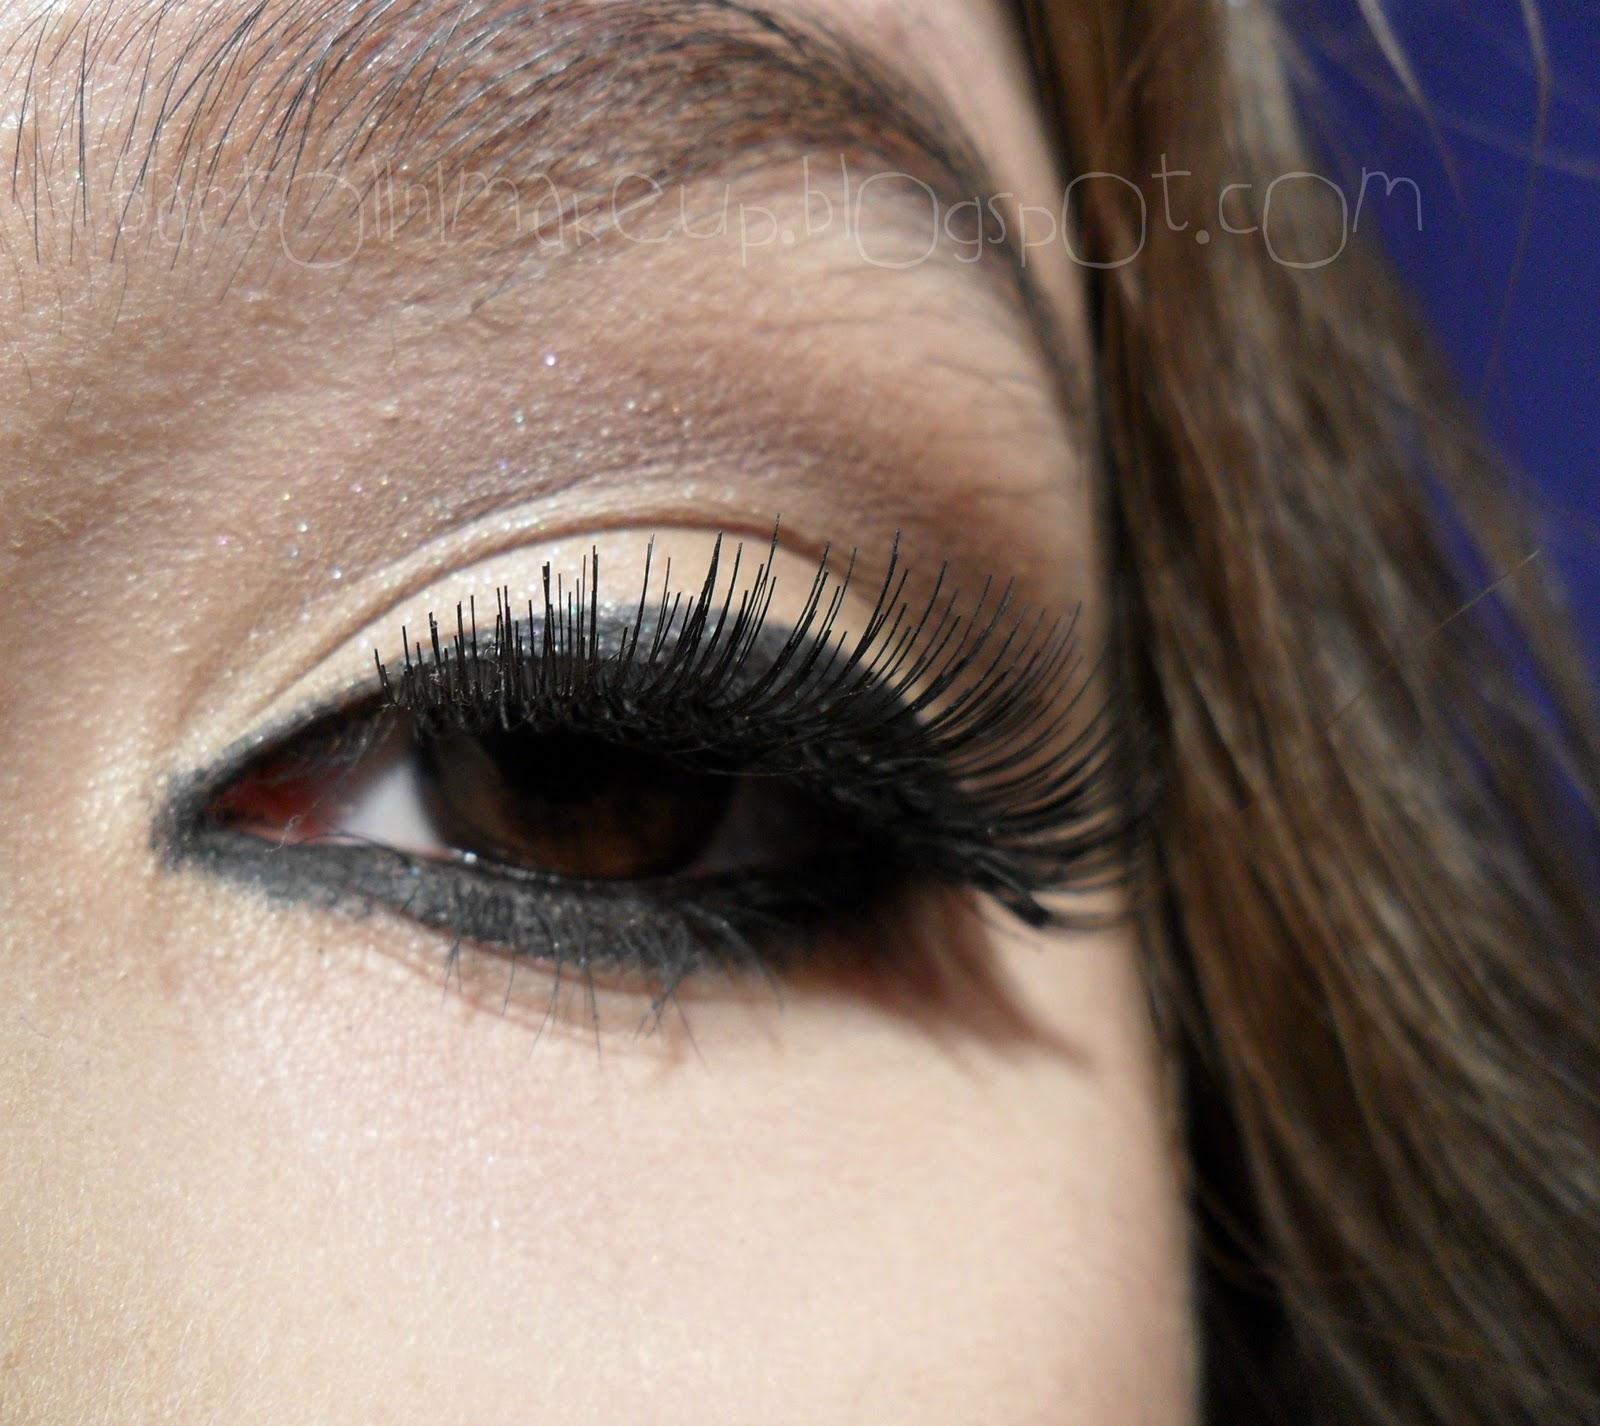 http://4.bp.blogspot.com/-sGP8hdFc5ZE/TyinJKlogsI/AAAAAAAABGA/Ym1MblGnyNk/s1600/kim+kardashian+look+0599.jpg